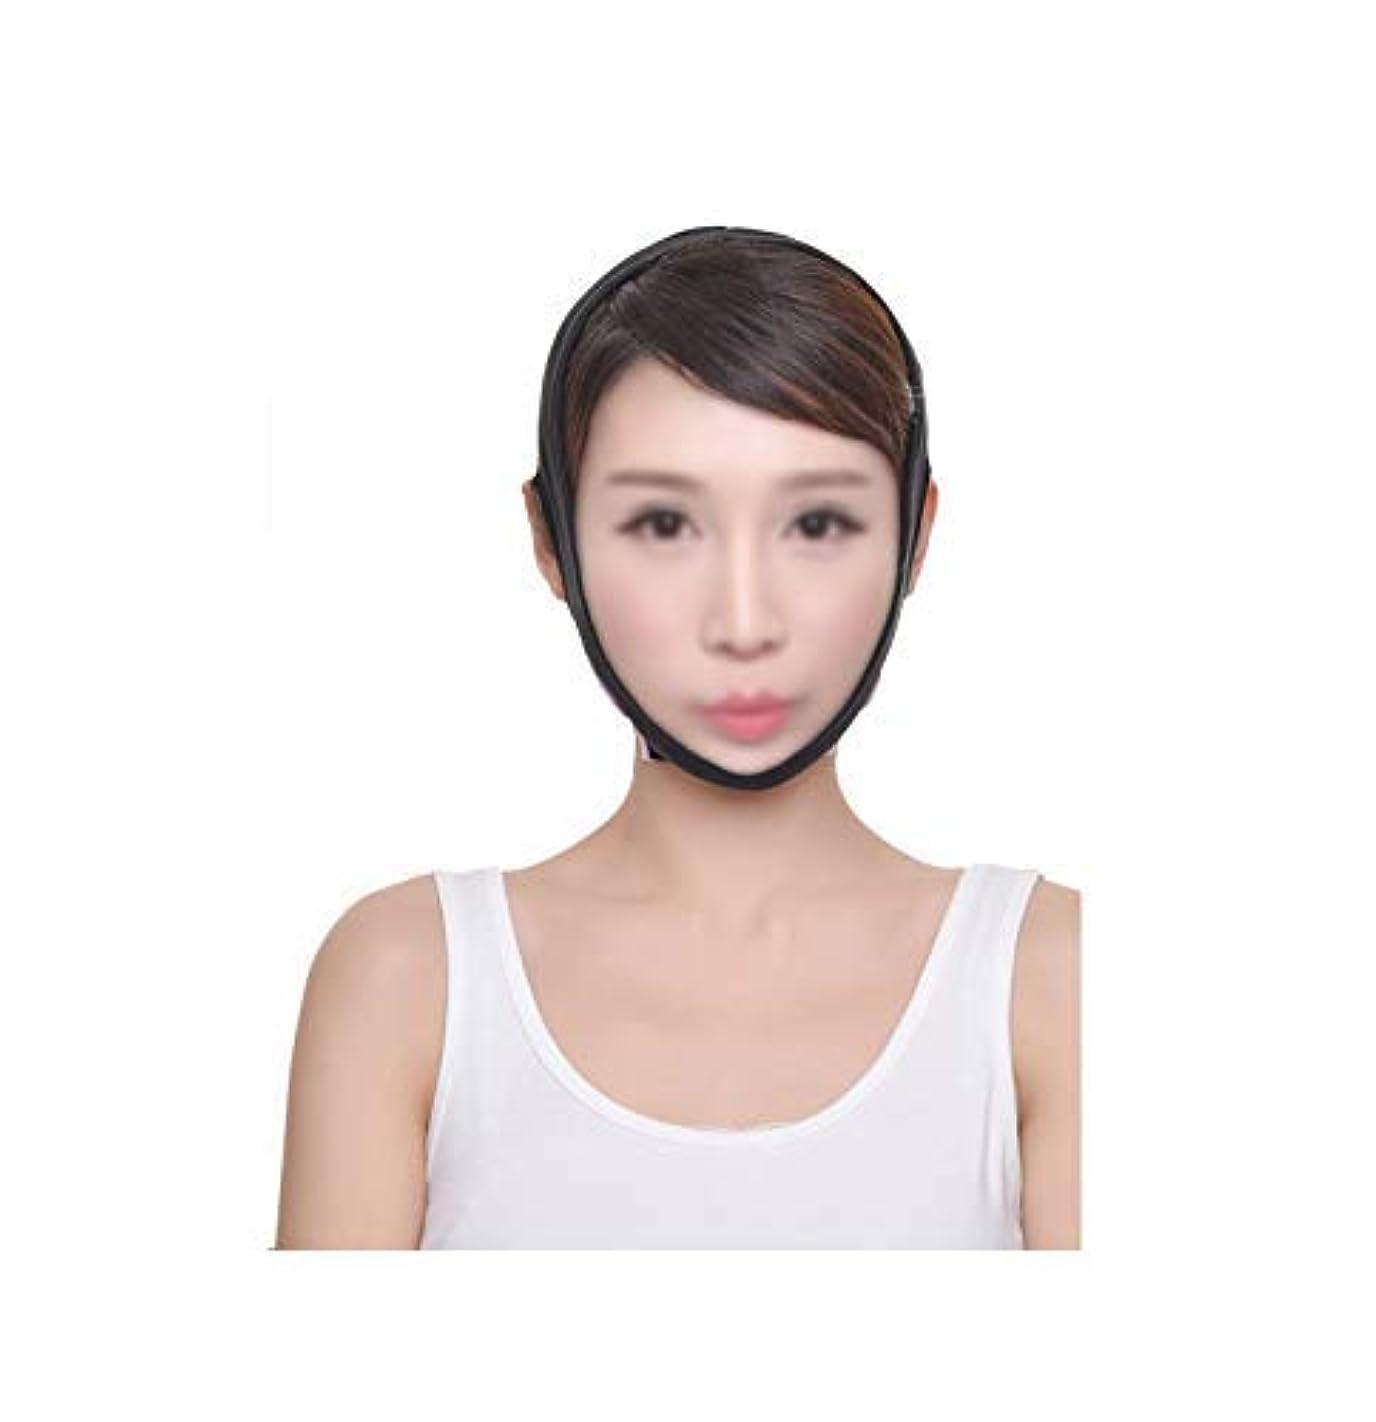 国民クレア急襲ファーミングフェイスマスク、フェイスリフティングアーティファクト脂肪吸引術術後整形二重あご美容マスクブラックフード(サイズ:L)